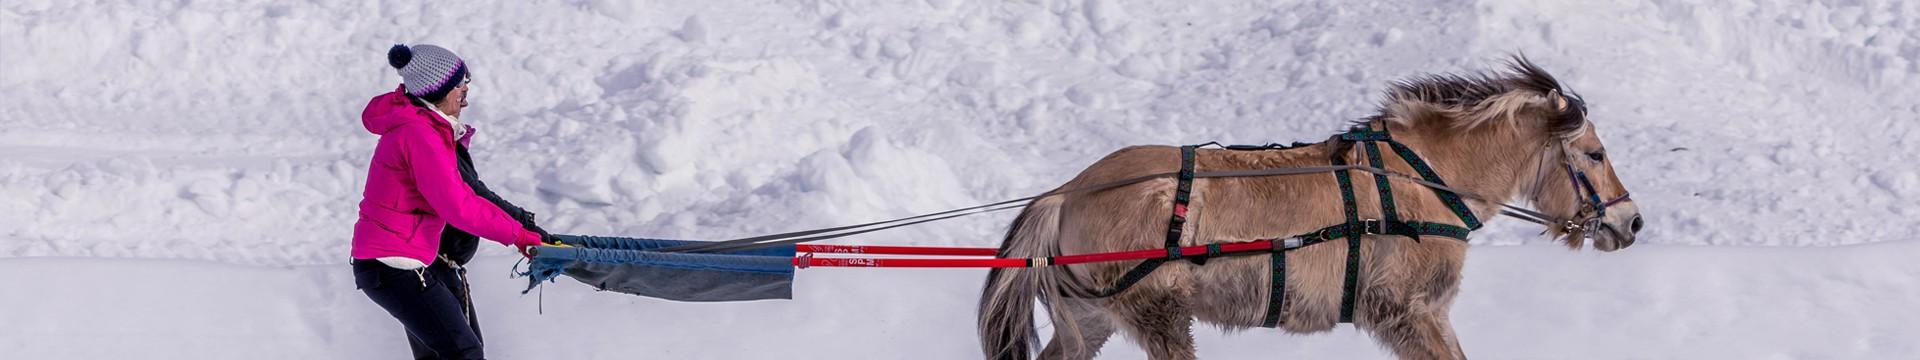 ski-joering-01-9021-9715